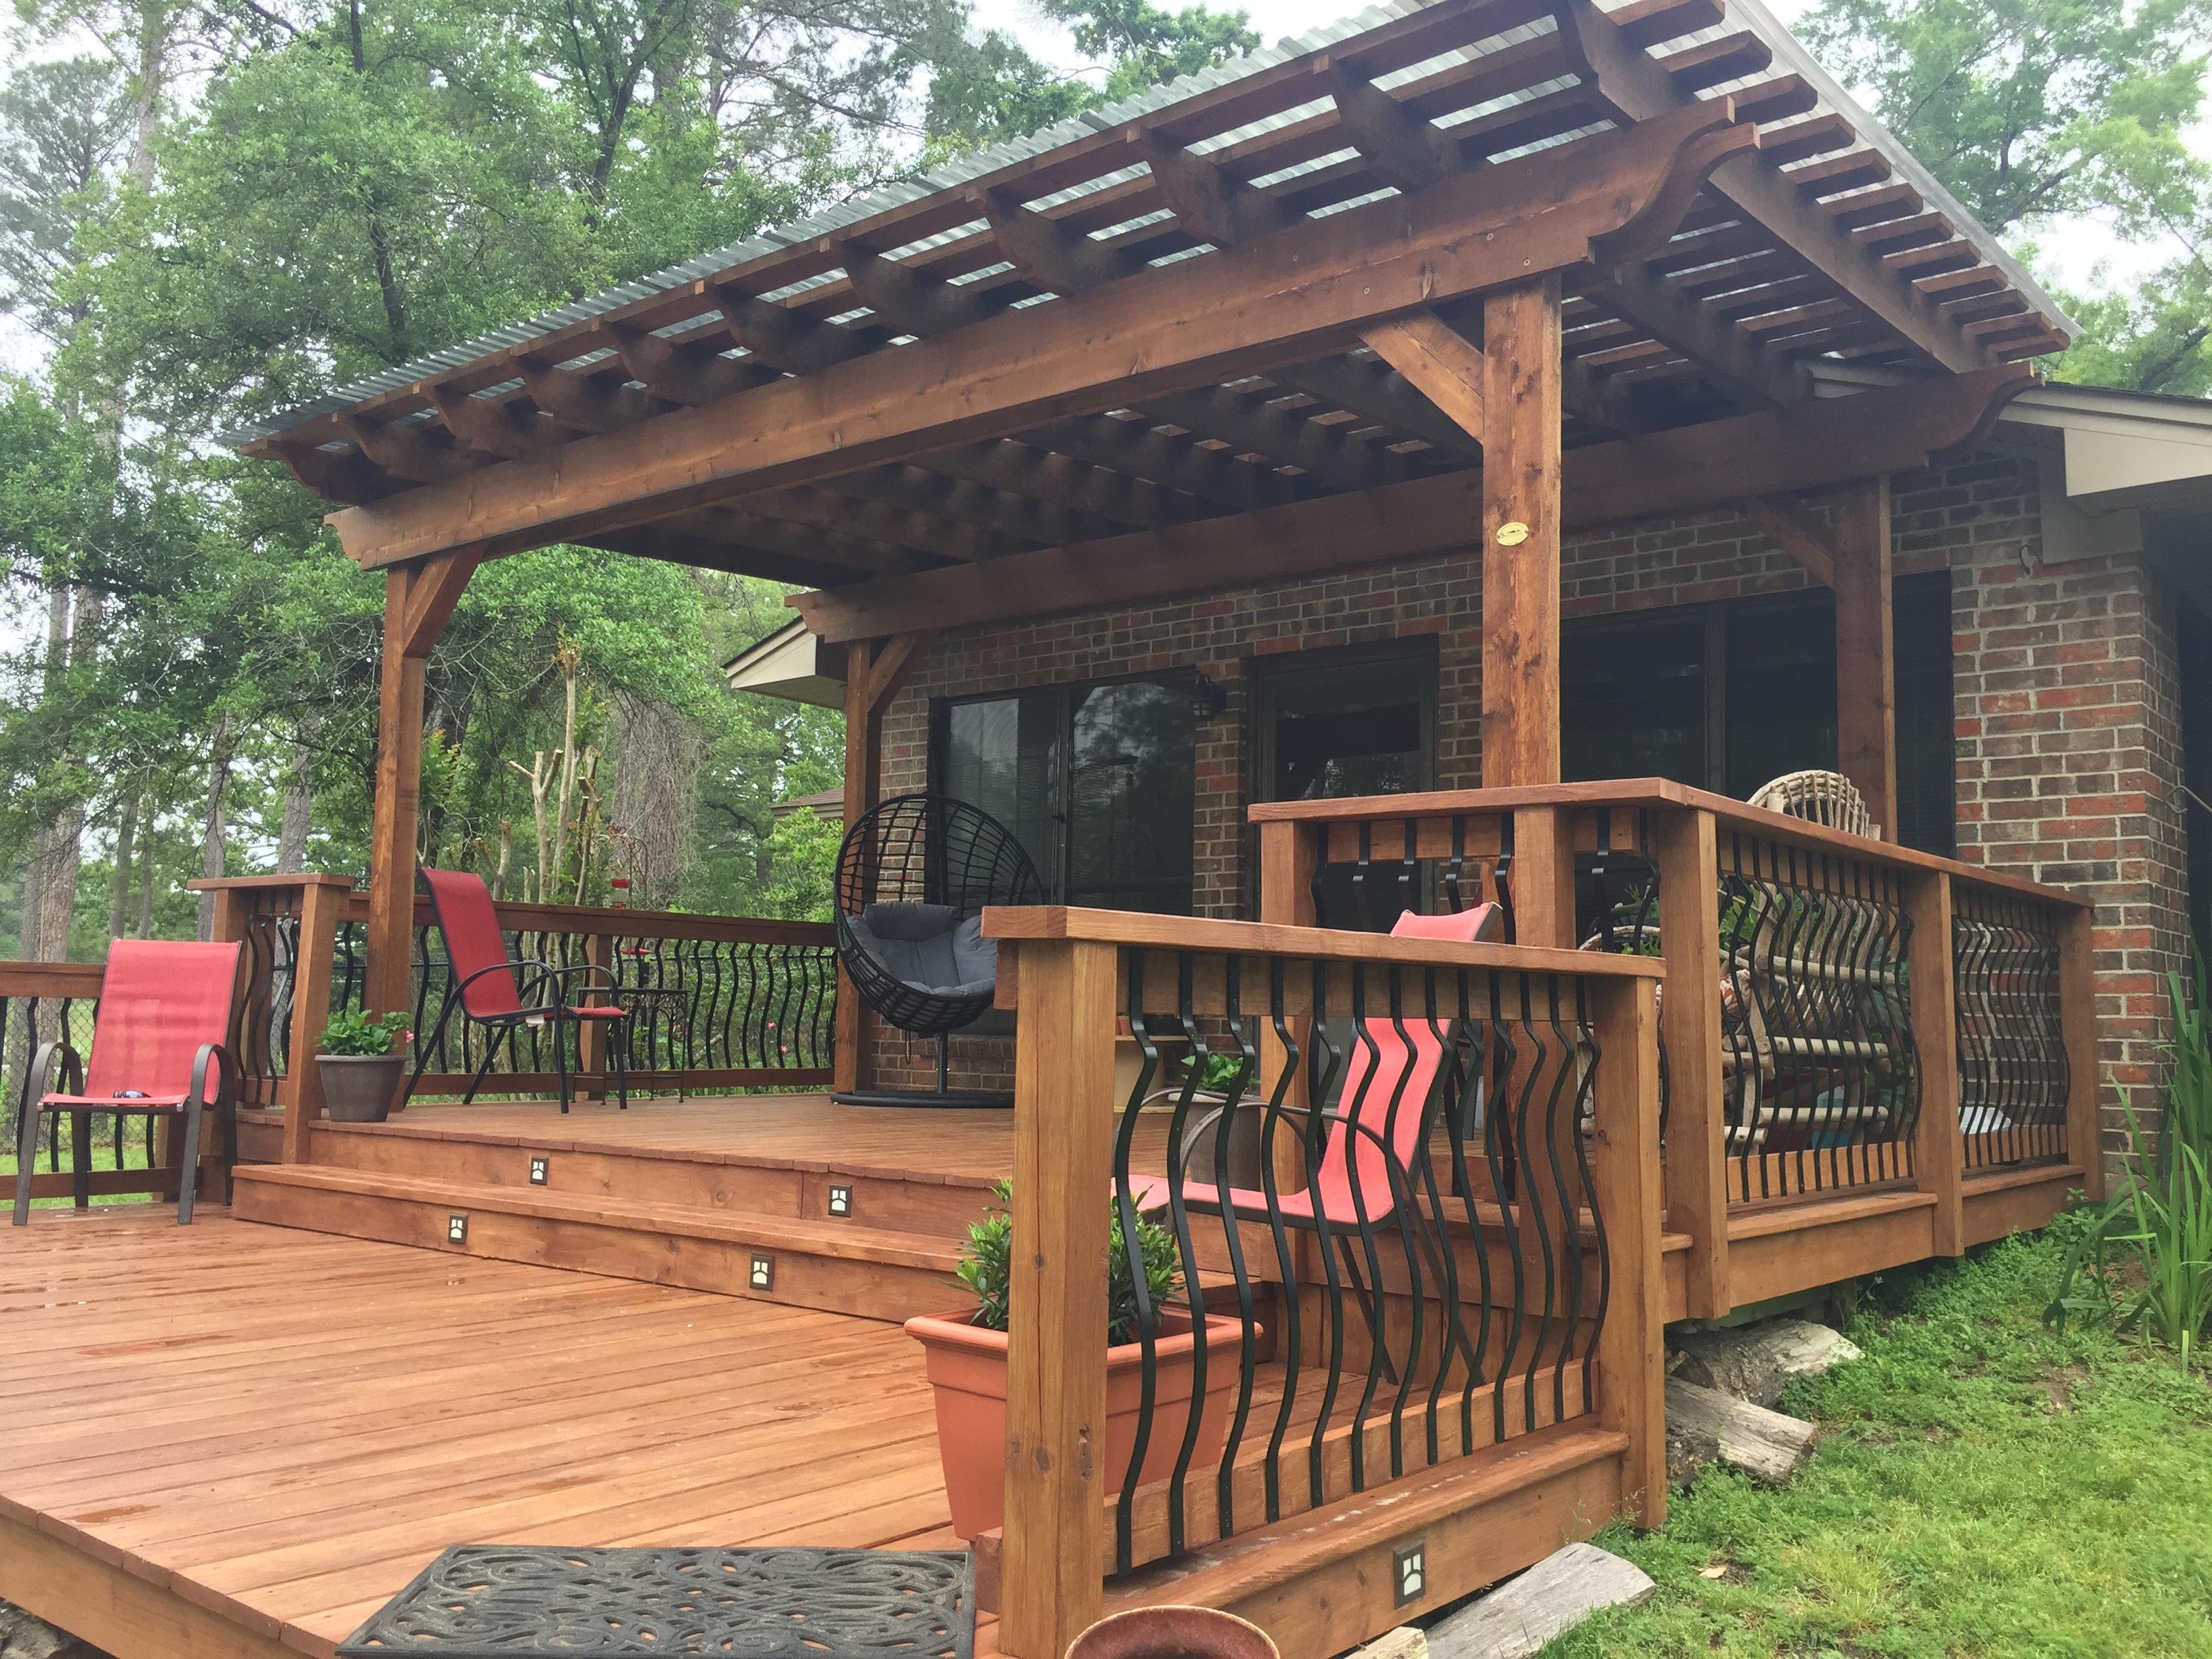 Deck Builder, Garden Structures, Pergolas & Arbors ... - photo#4